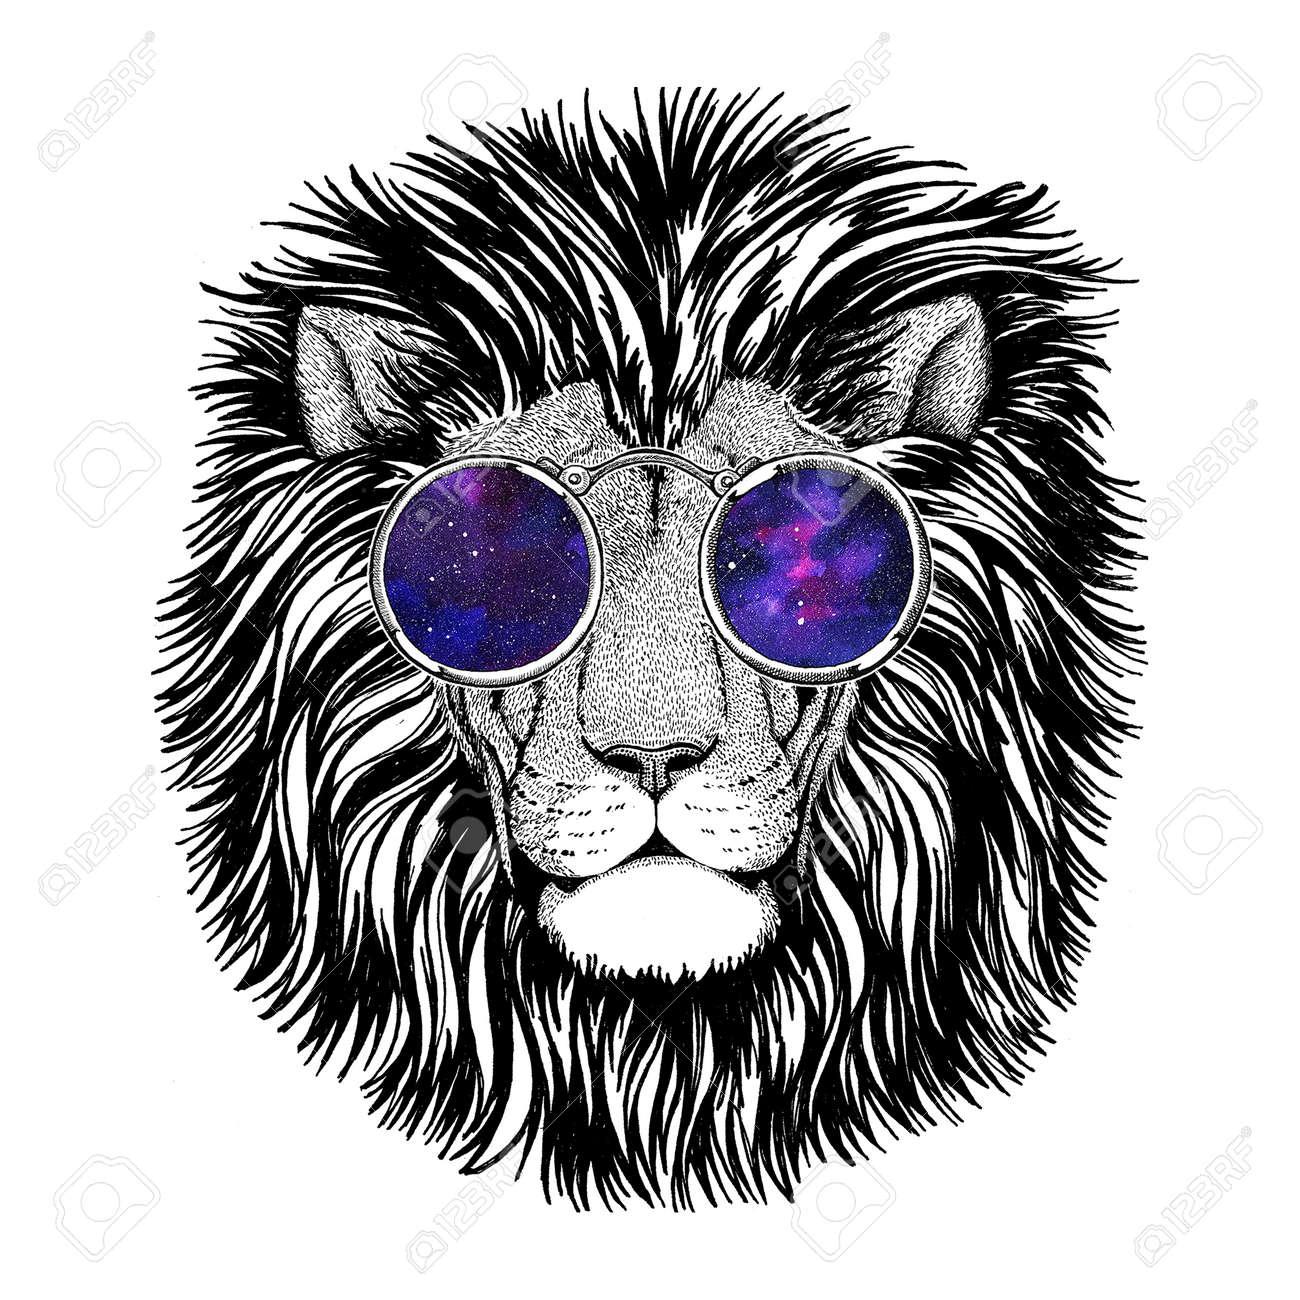 Wild hipster lion Image for tattoo, logo, emblem, badge design - 74270628